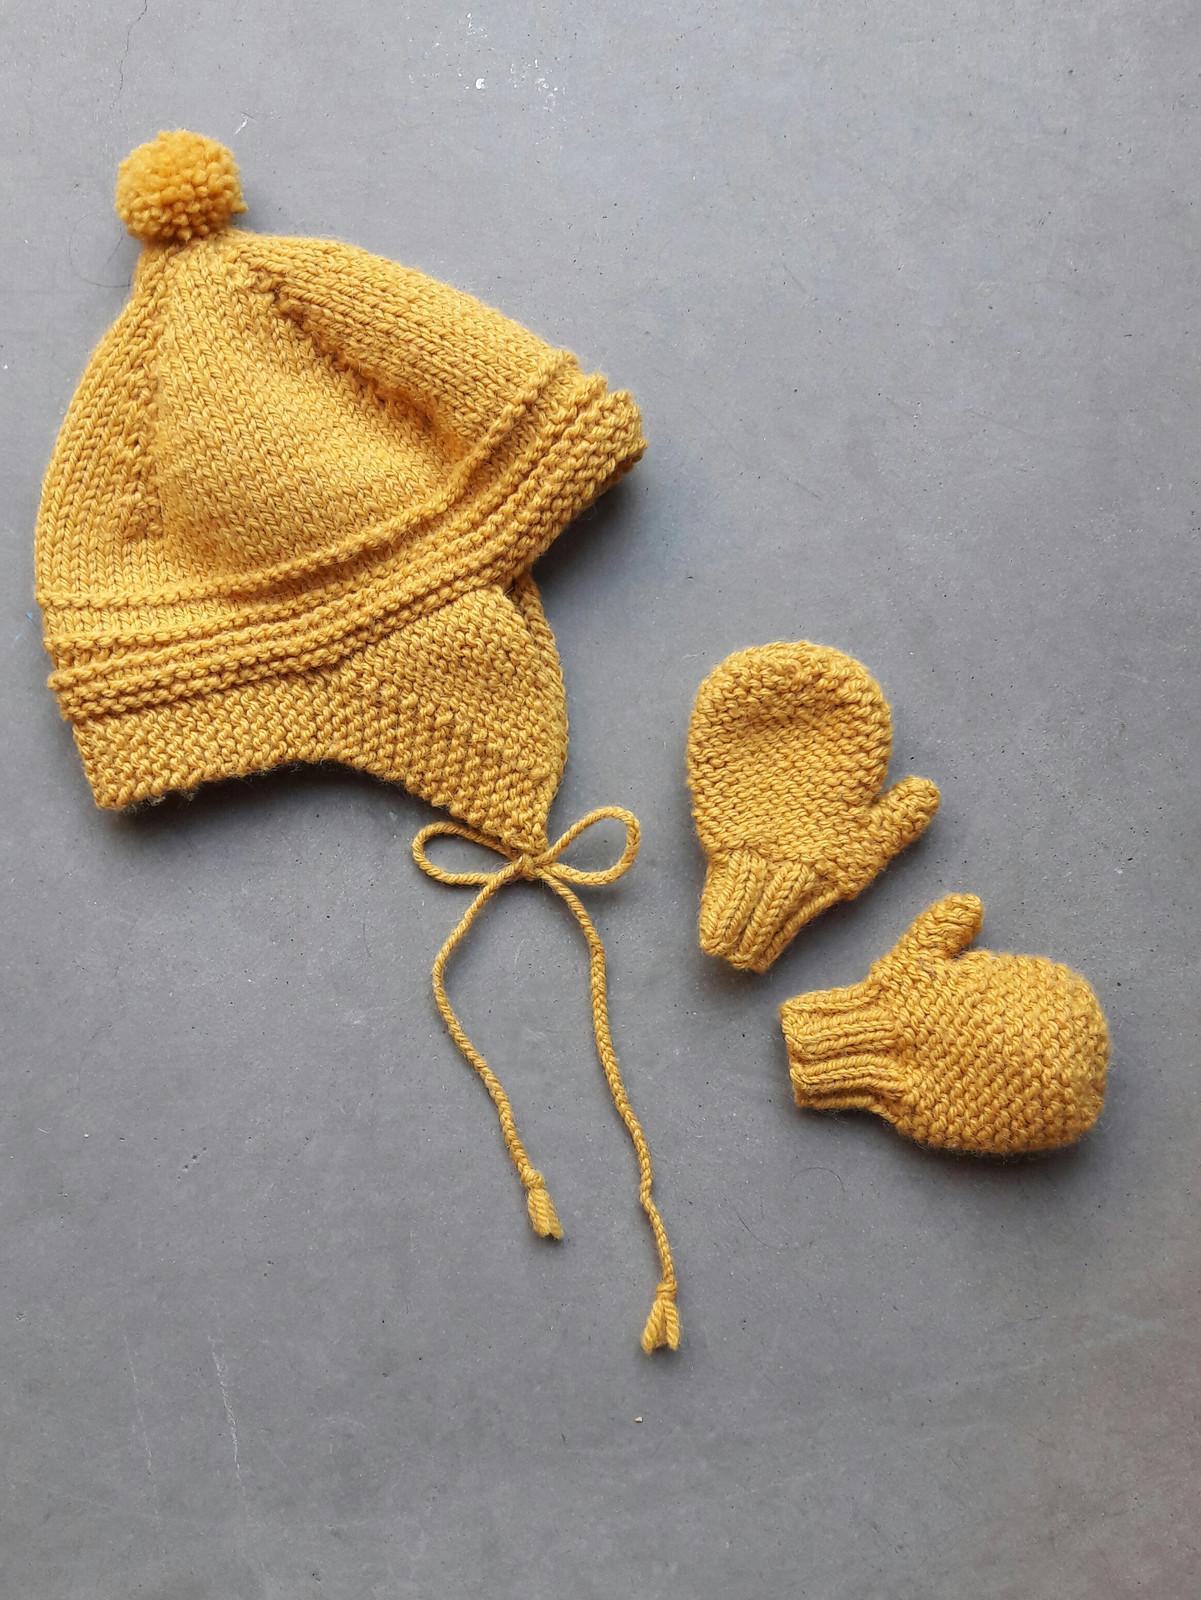 magasiner pour les plus récents couleurs et frappant nouveau concept Bonnet inuit et moufles coloris moutarde